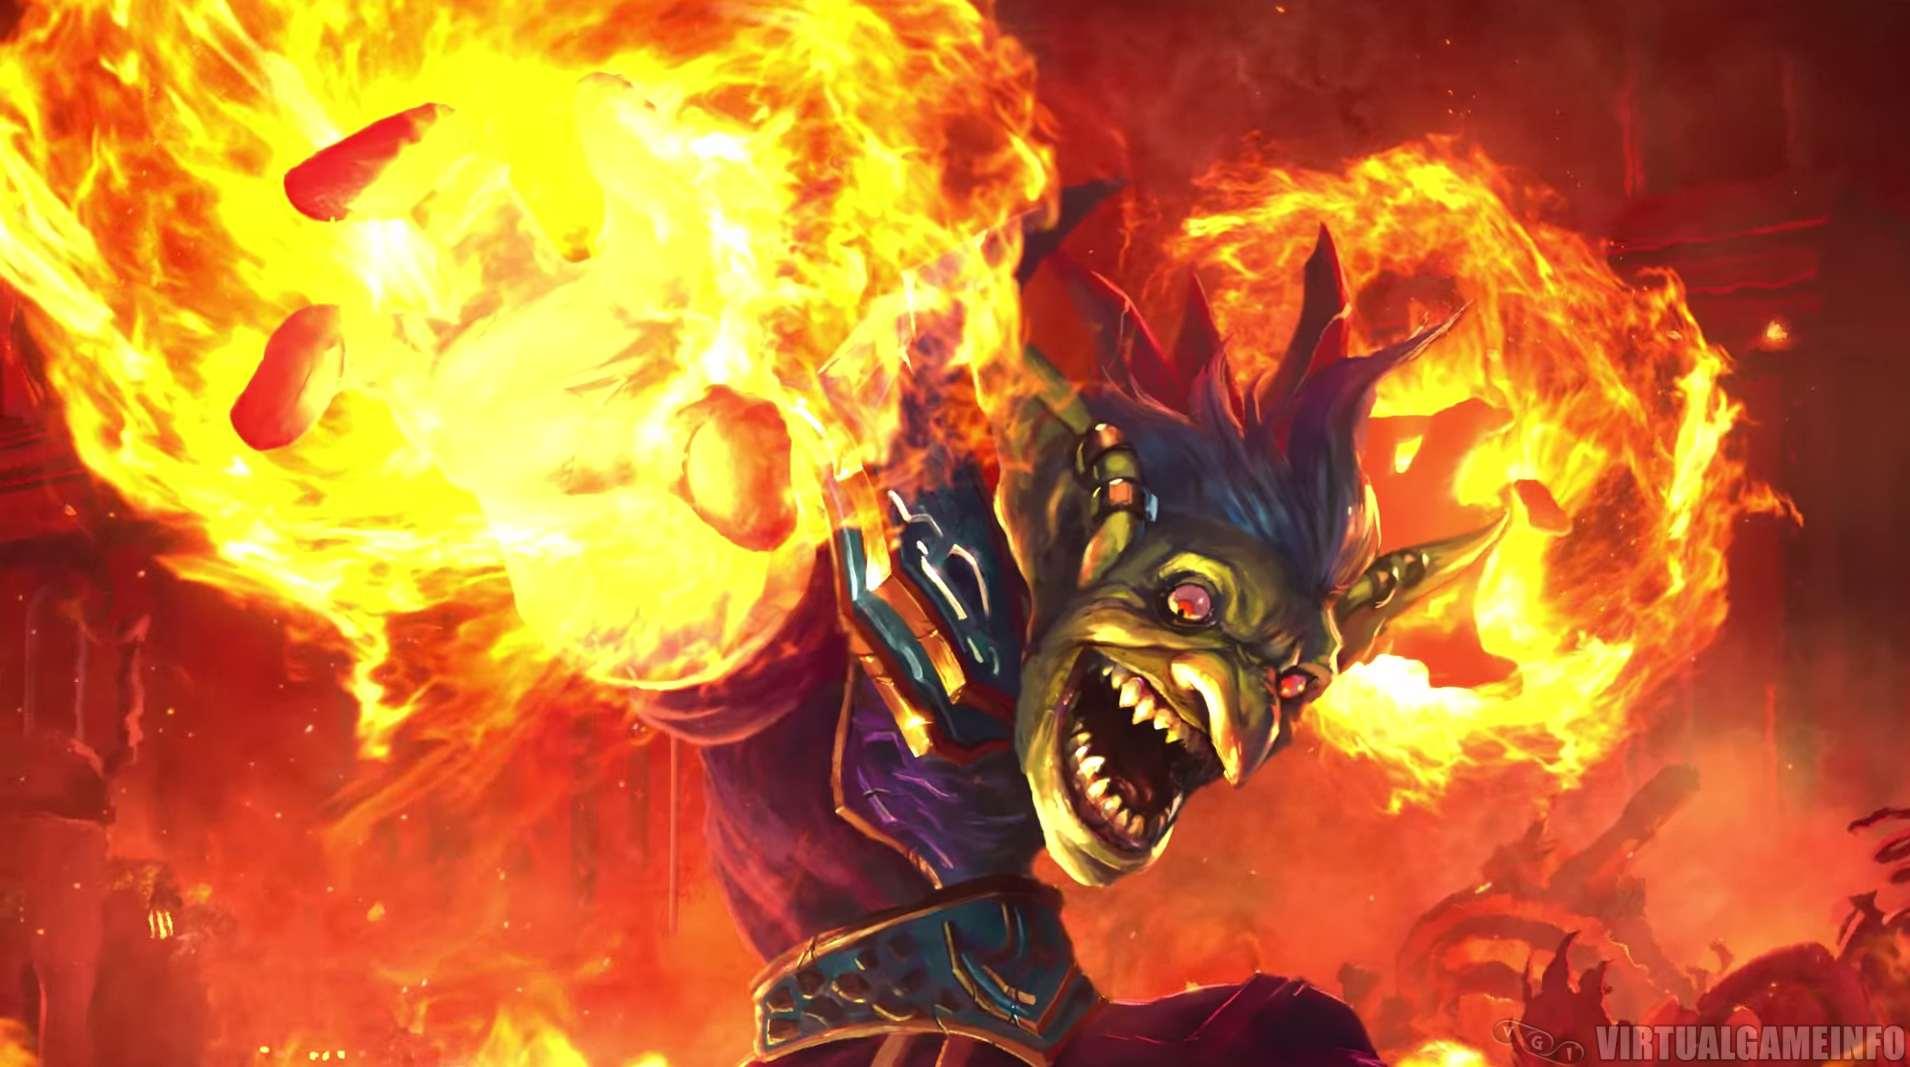 Blizzard сообщила, что в следующем месяце выйдет дополнение к коллекционной карточной игре Hearthstone: Heroes of Warcraft под названием Goblins vs. Gnomes из 120 новых карт.